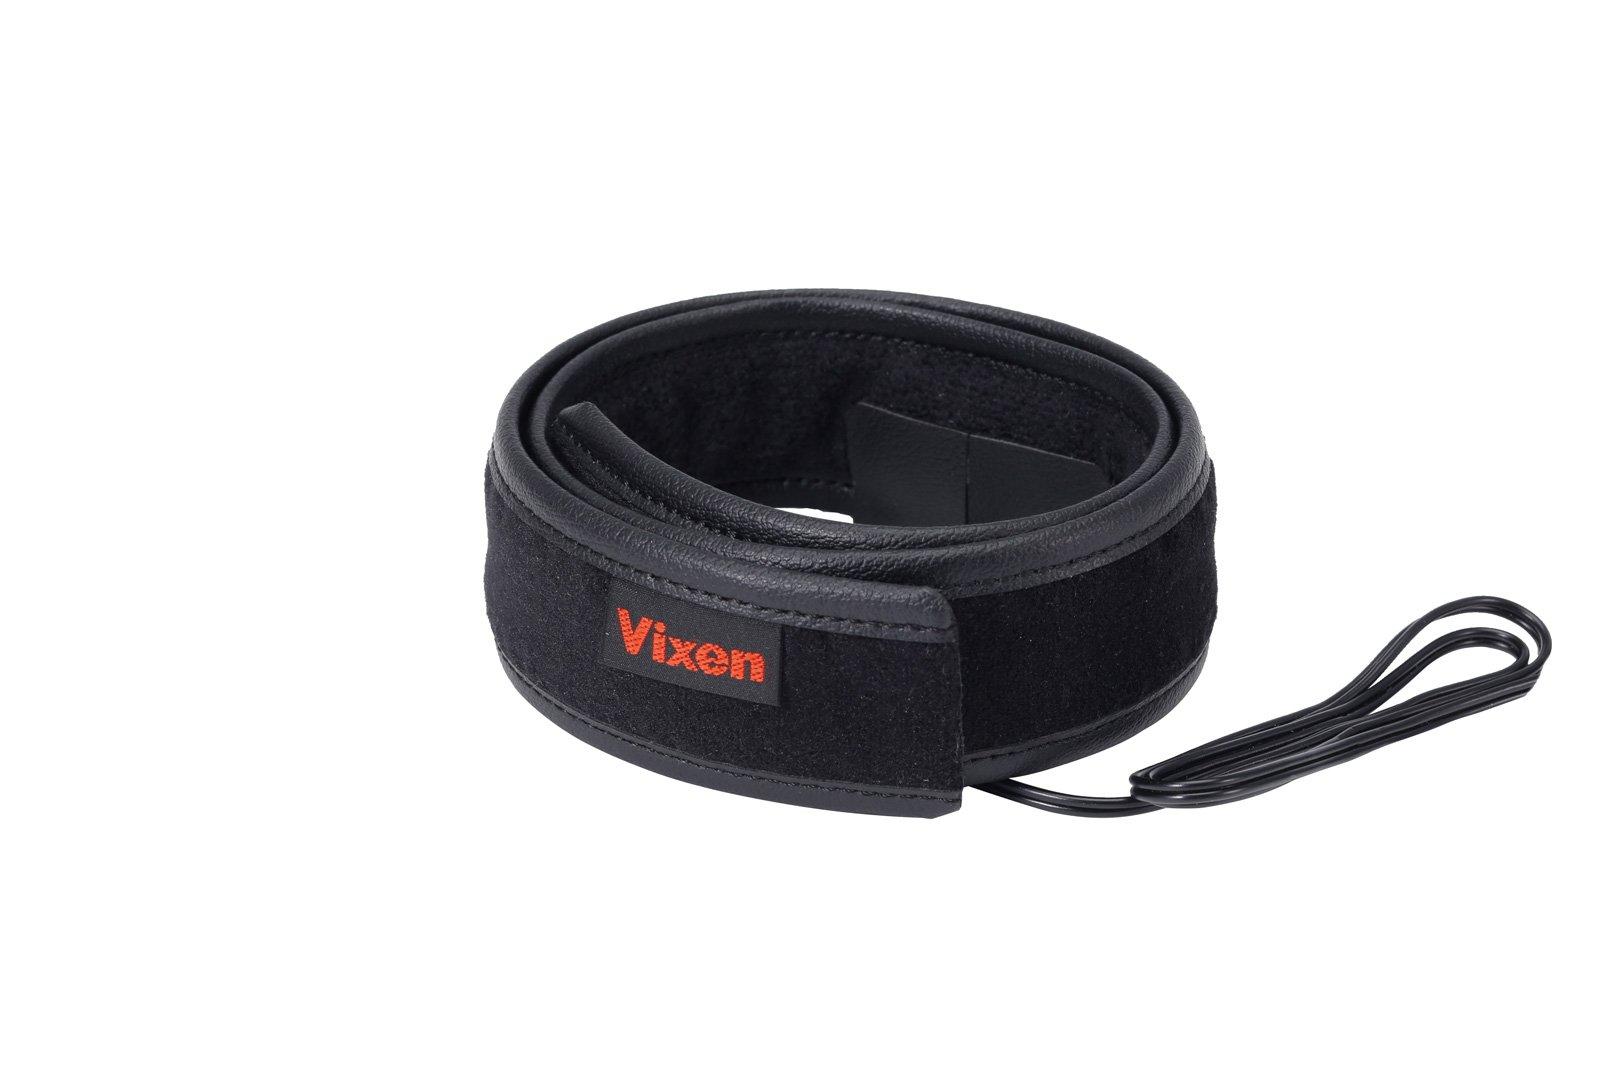 Vixen Optics 35411 Camera Lens Heater (Black)